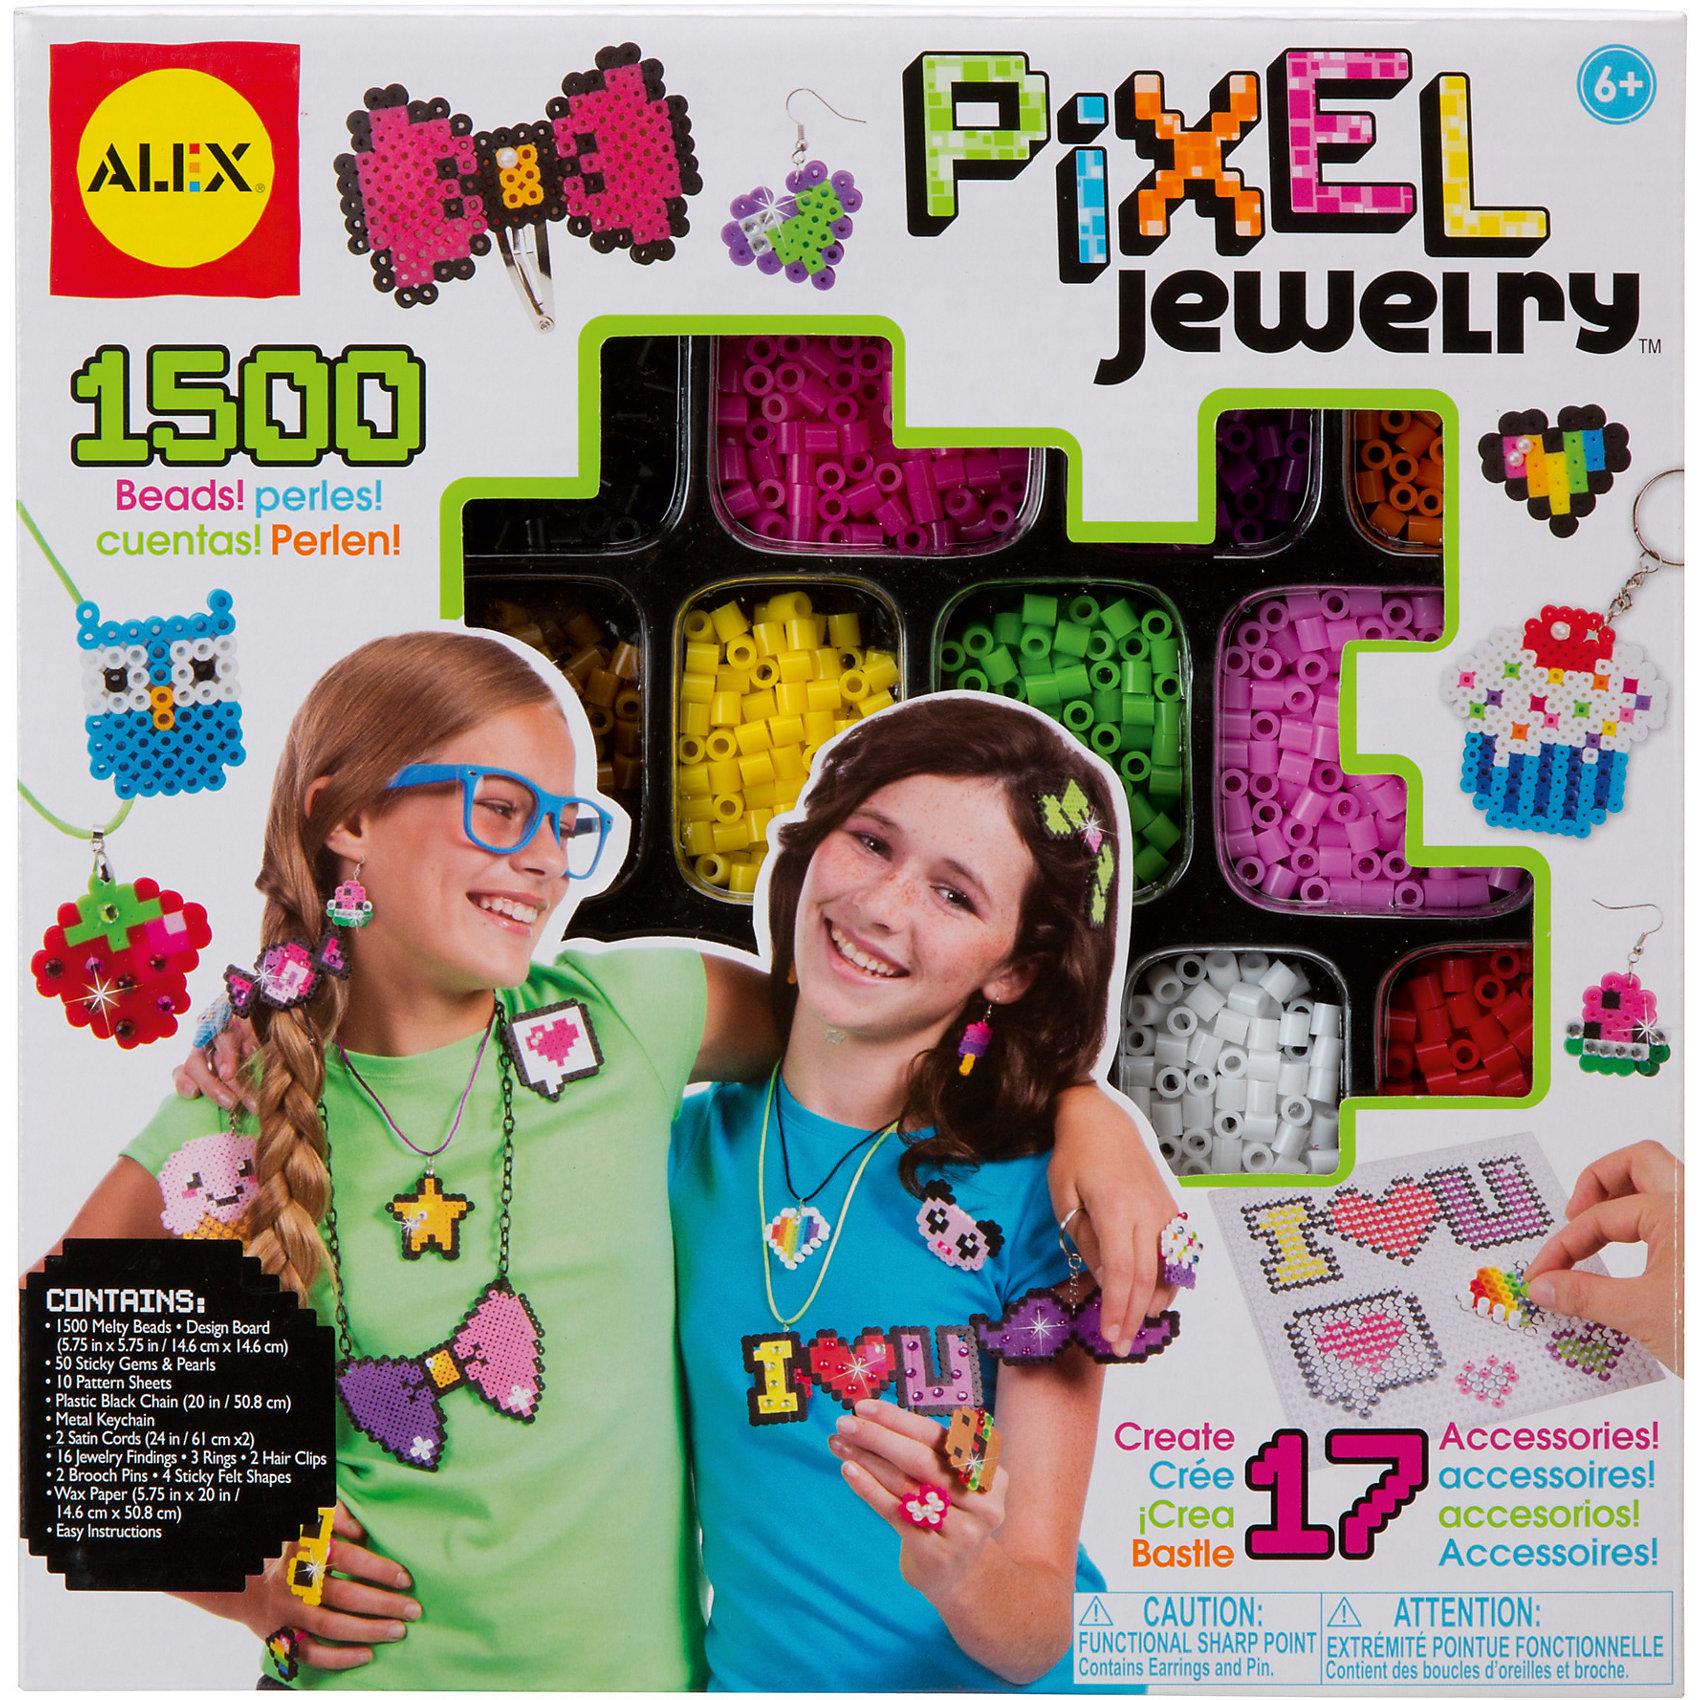 Набор для создания браслетов Пиксели, AlexРукоделие<br>Восьмидесятые возвращаются! Создай 17 модных аксессуаров - сережки, подвески, кольца, брелоки, броши и заколки -  и  ультрамодном  пиксельном дизайне. В наборе 1500 термобусин 12 ярких цветов, подставка 14,6 х 14,6 см, 50 страз на клейкой основе, 10 полноцветных листов со схемами дизайнов, черная пластиковая цепочка, металлический брелок для ключей, 2 атласных шнура, 16 соединительных элементов, 3 колечка, 2 заколки, 4 флисовые фигурки, 2 булавки для брошей, вощеная бумага и инструкции.<br><br>Ширина мм: 227<br>Глубина мм: 51<br>Высота мм: 229<br>Вес г: 461<br>Возраст от месяцев: 72<br>Возраст до месяцев: 120<br>Пол: Женский<br>Возраст: Детский<br>SKU: 4556956